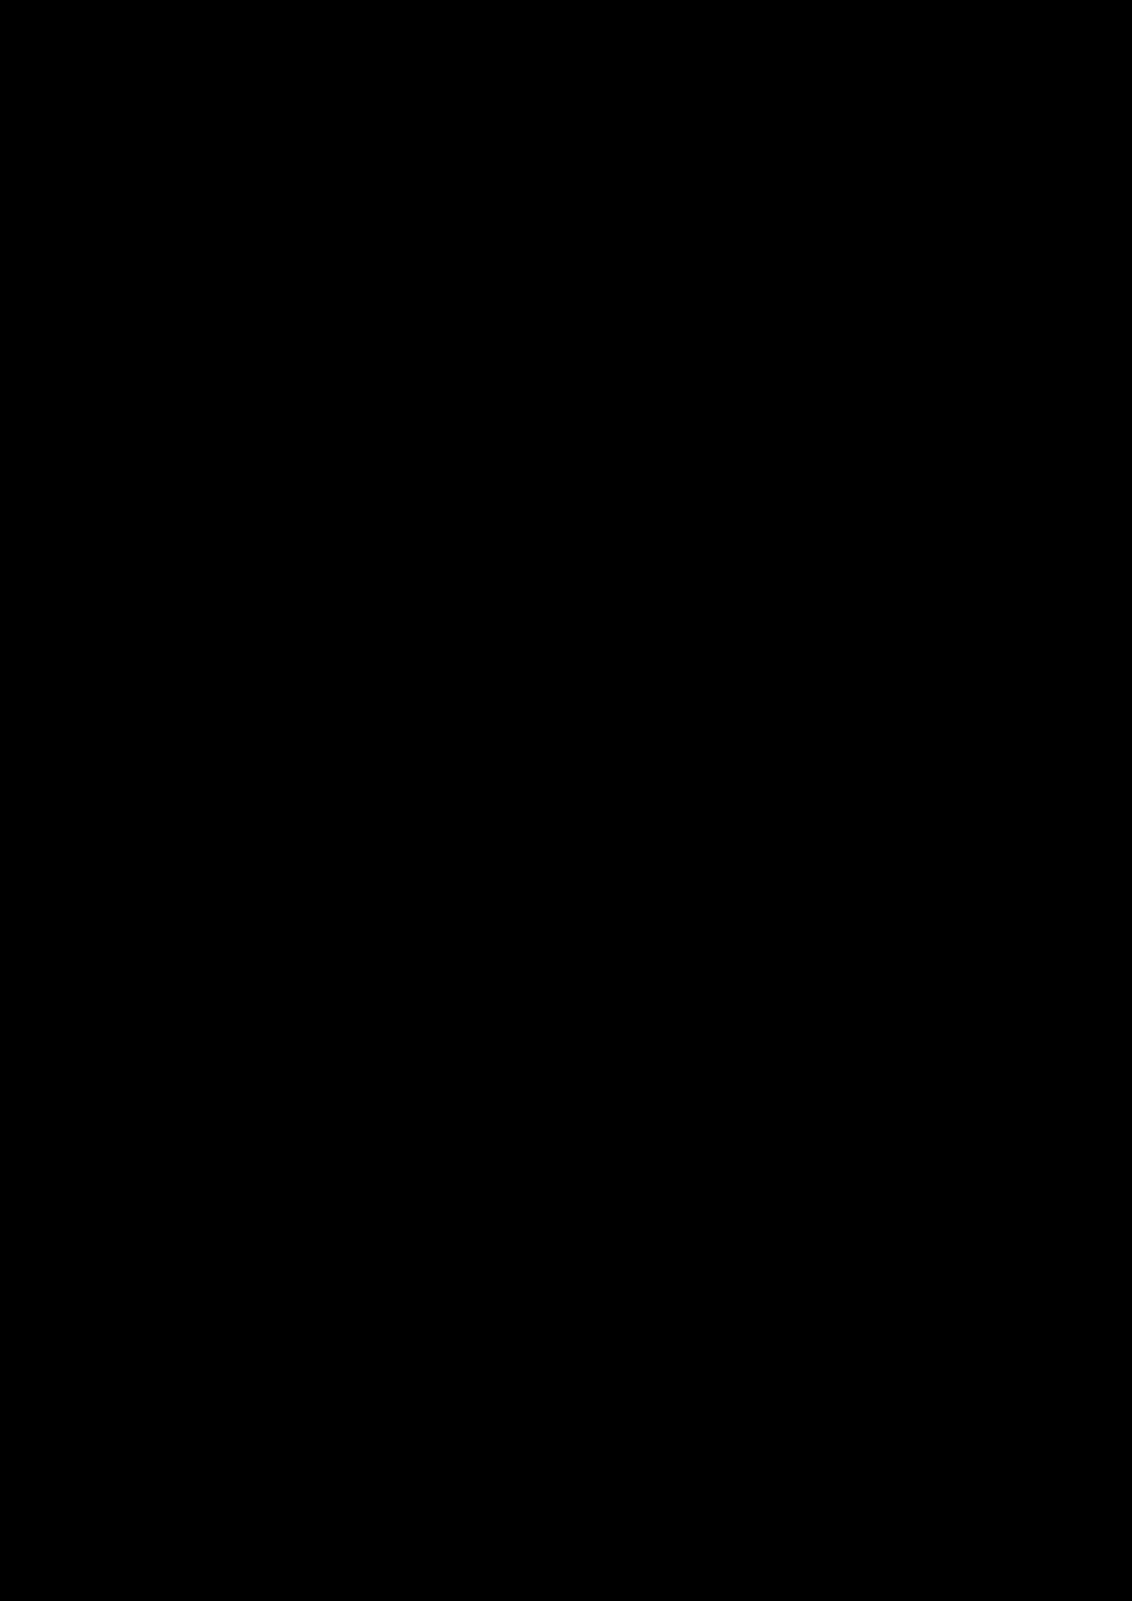 Serdtse slide, Image 20